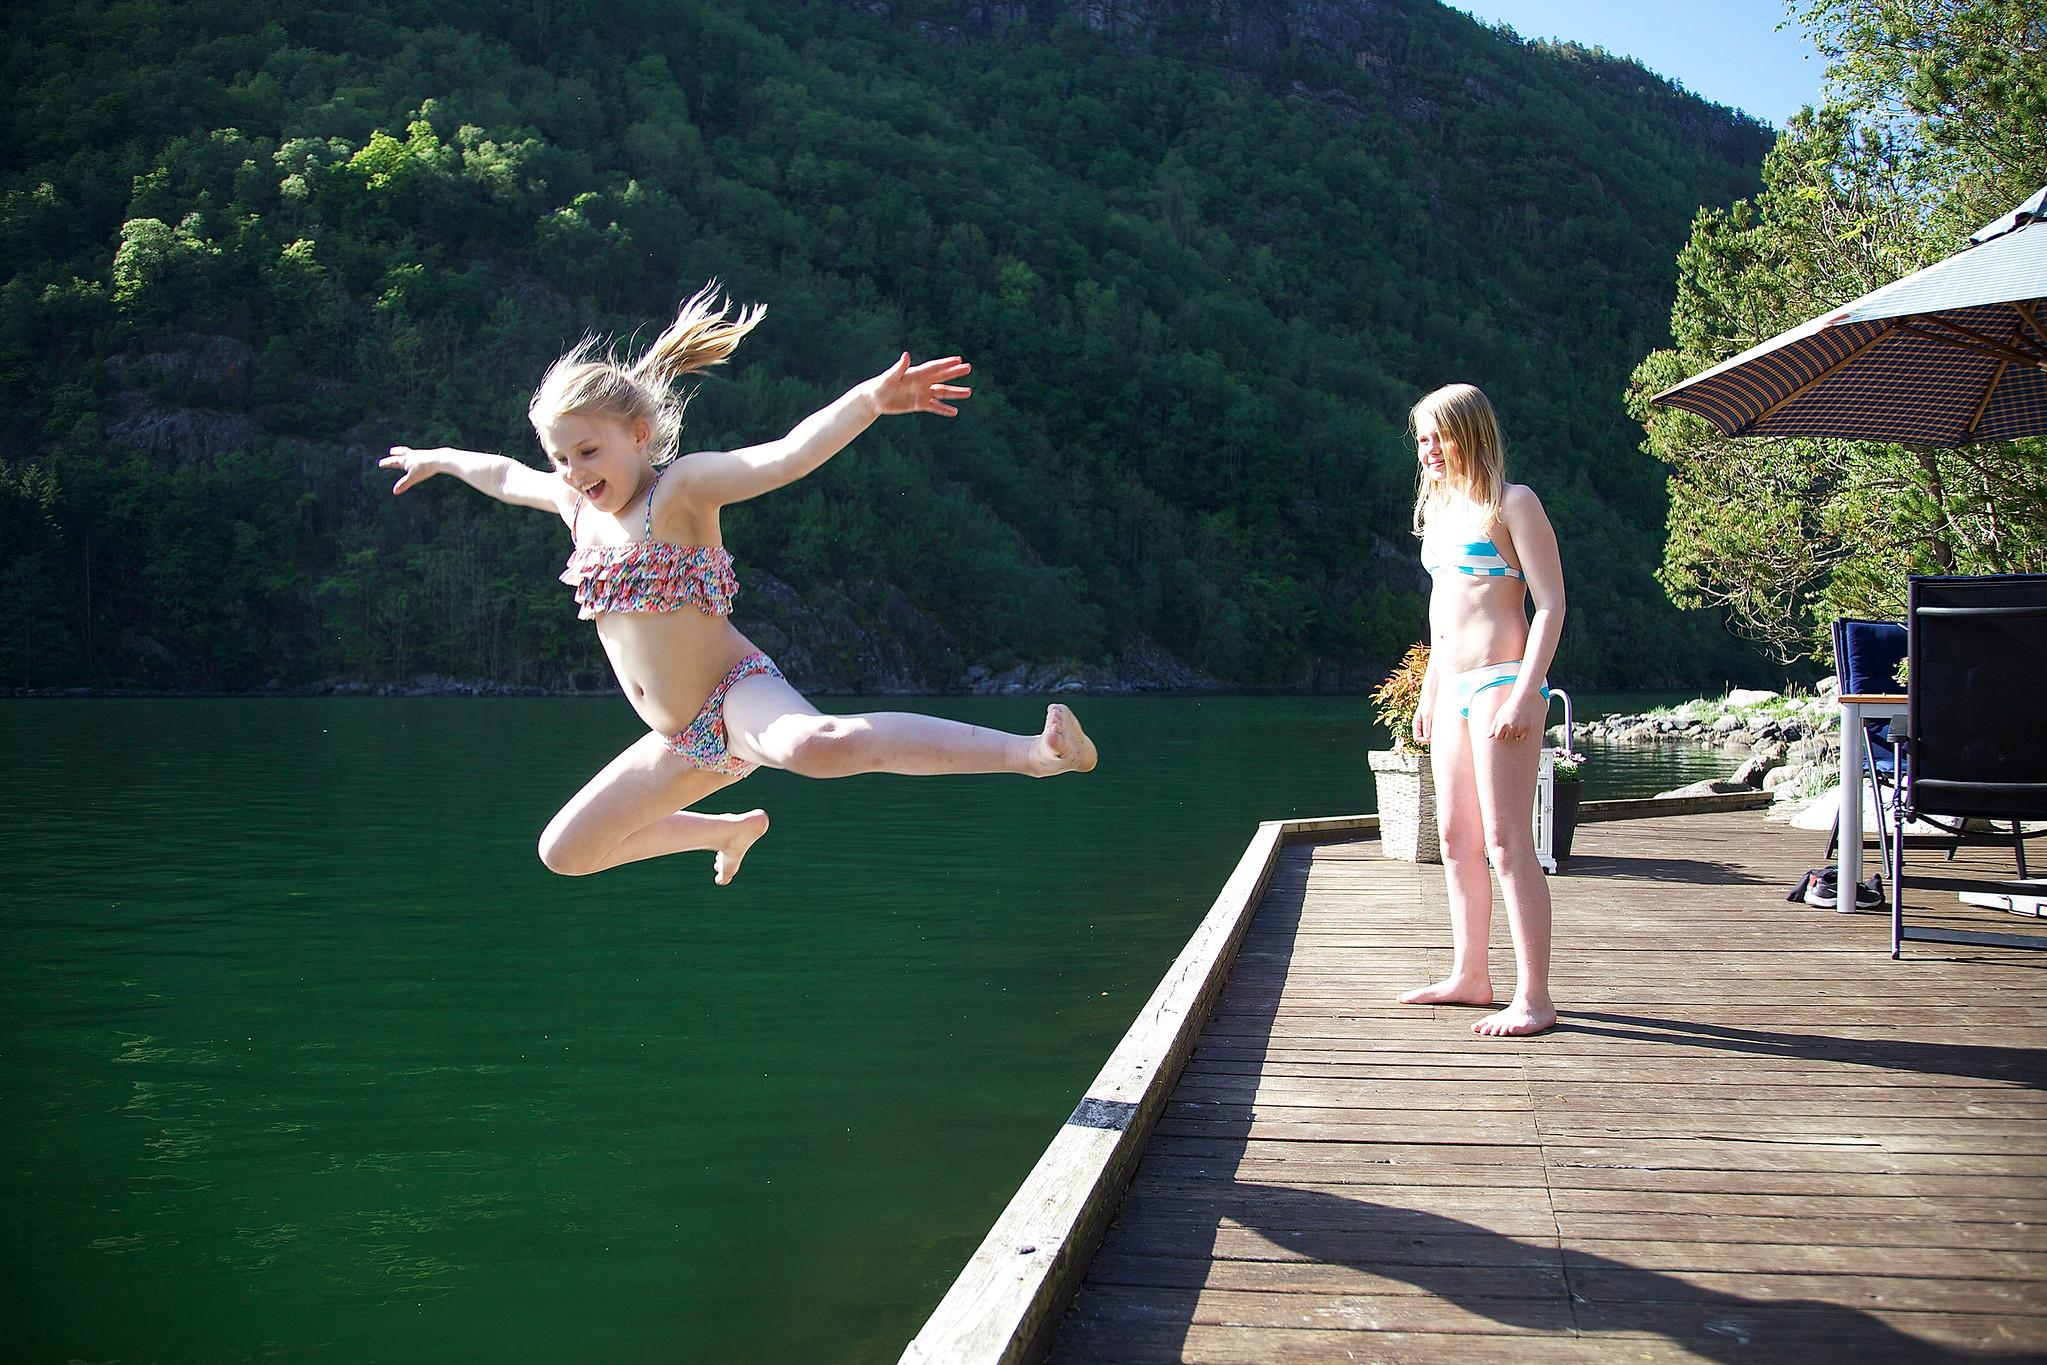 Jenter som hopper i vatnet frå ei brygge